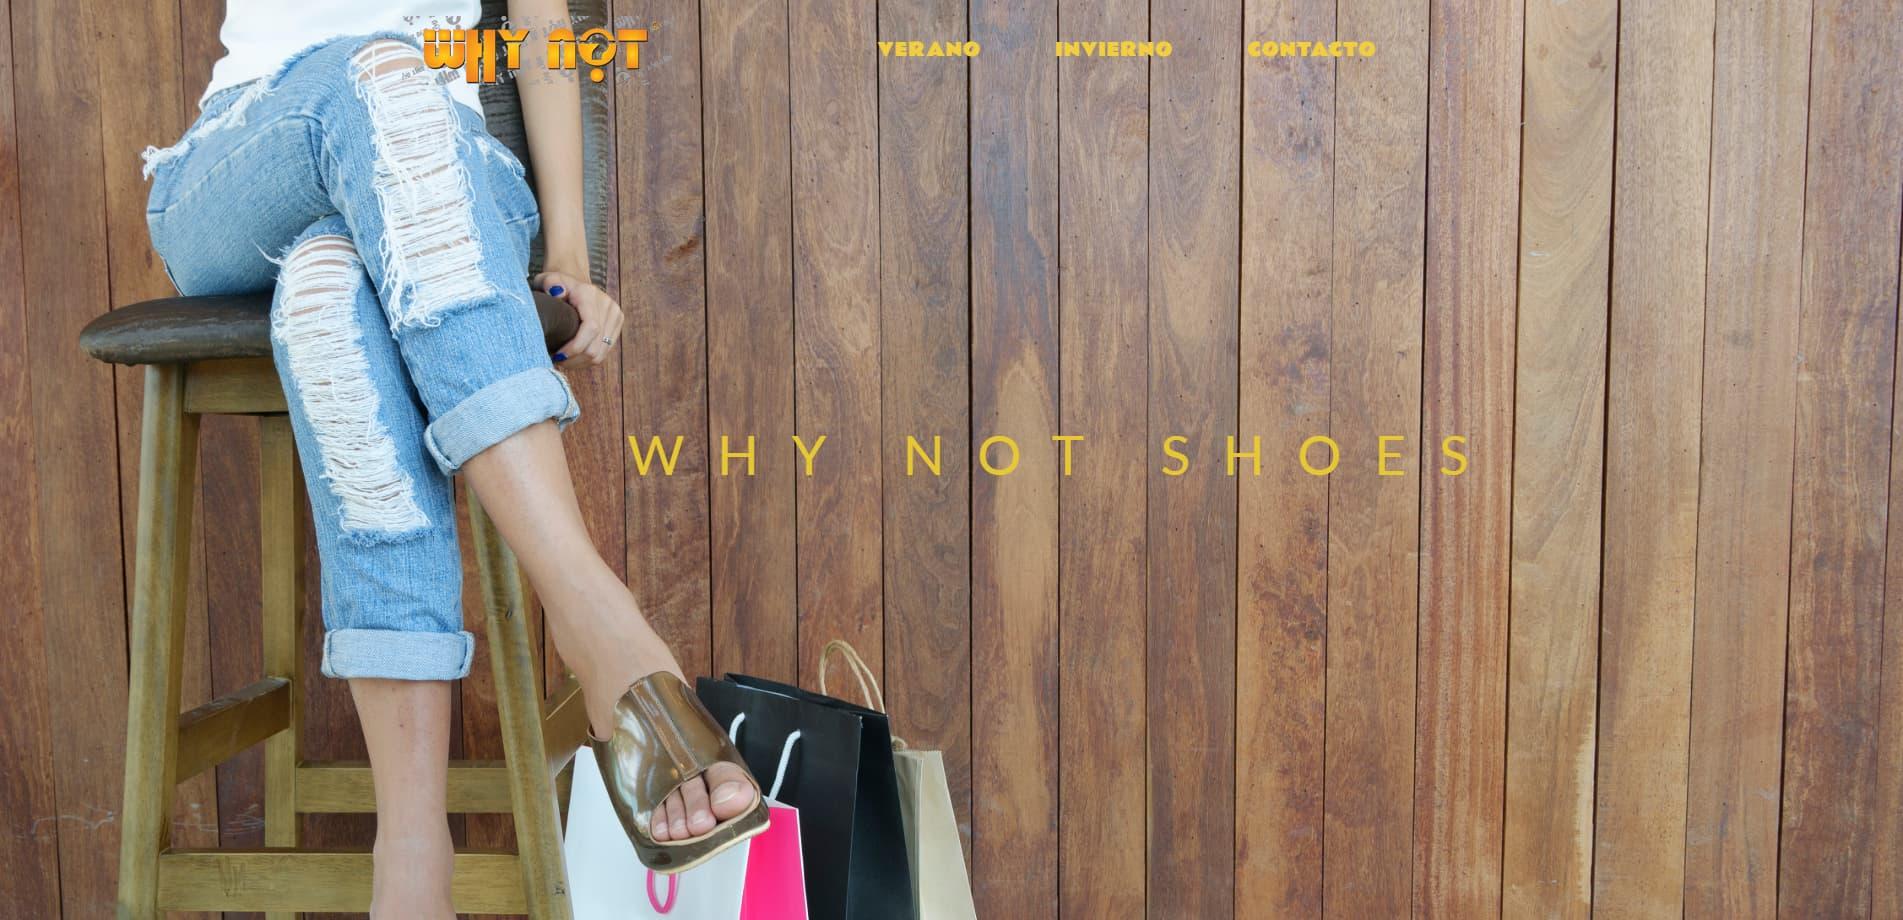 Whynotshoes 100 FABRICADO en España